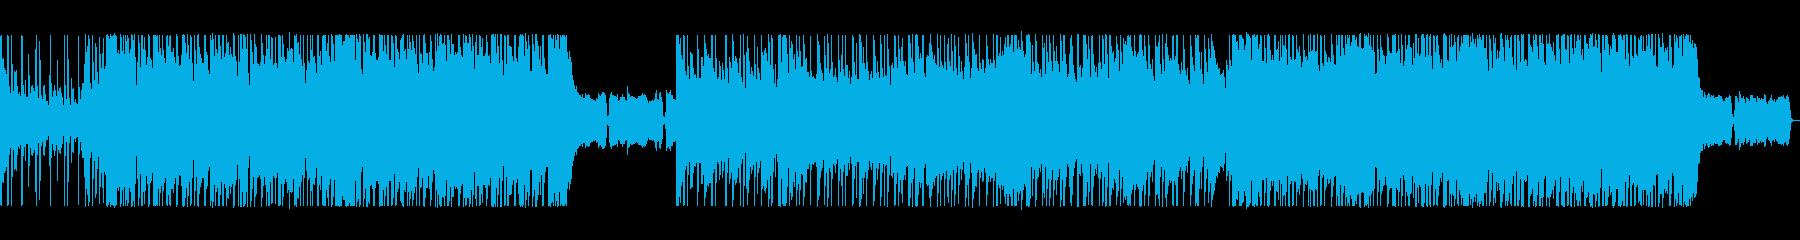 楽しい!弾む!軽快なポップロックの再生済みの波形